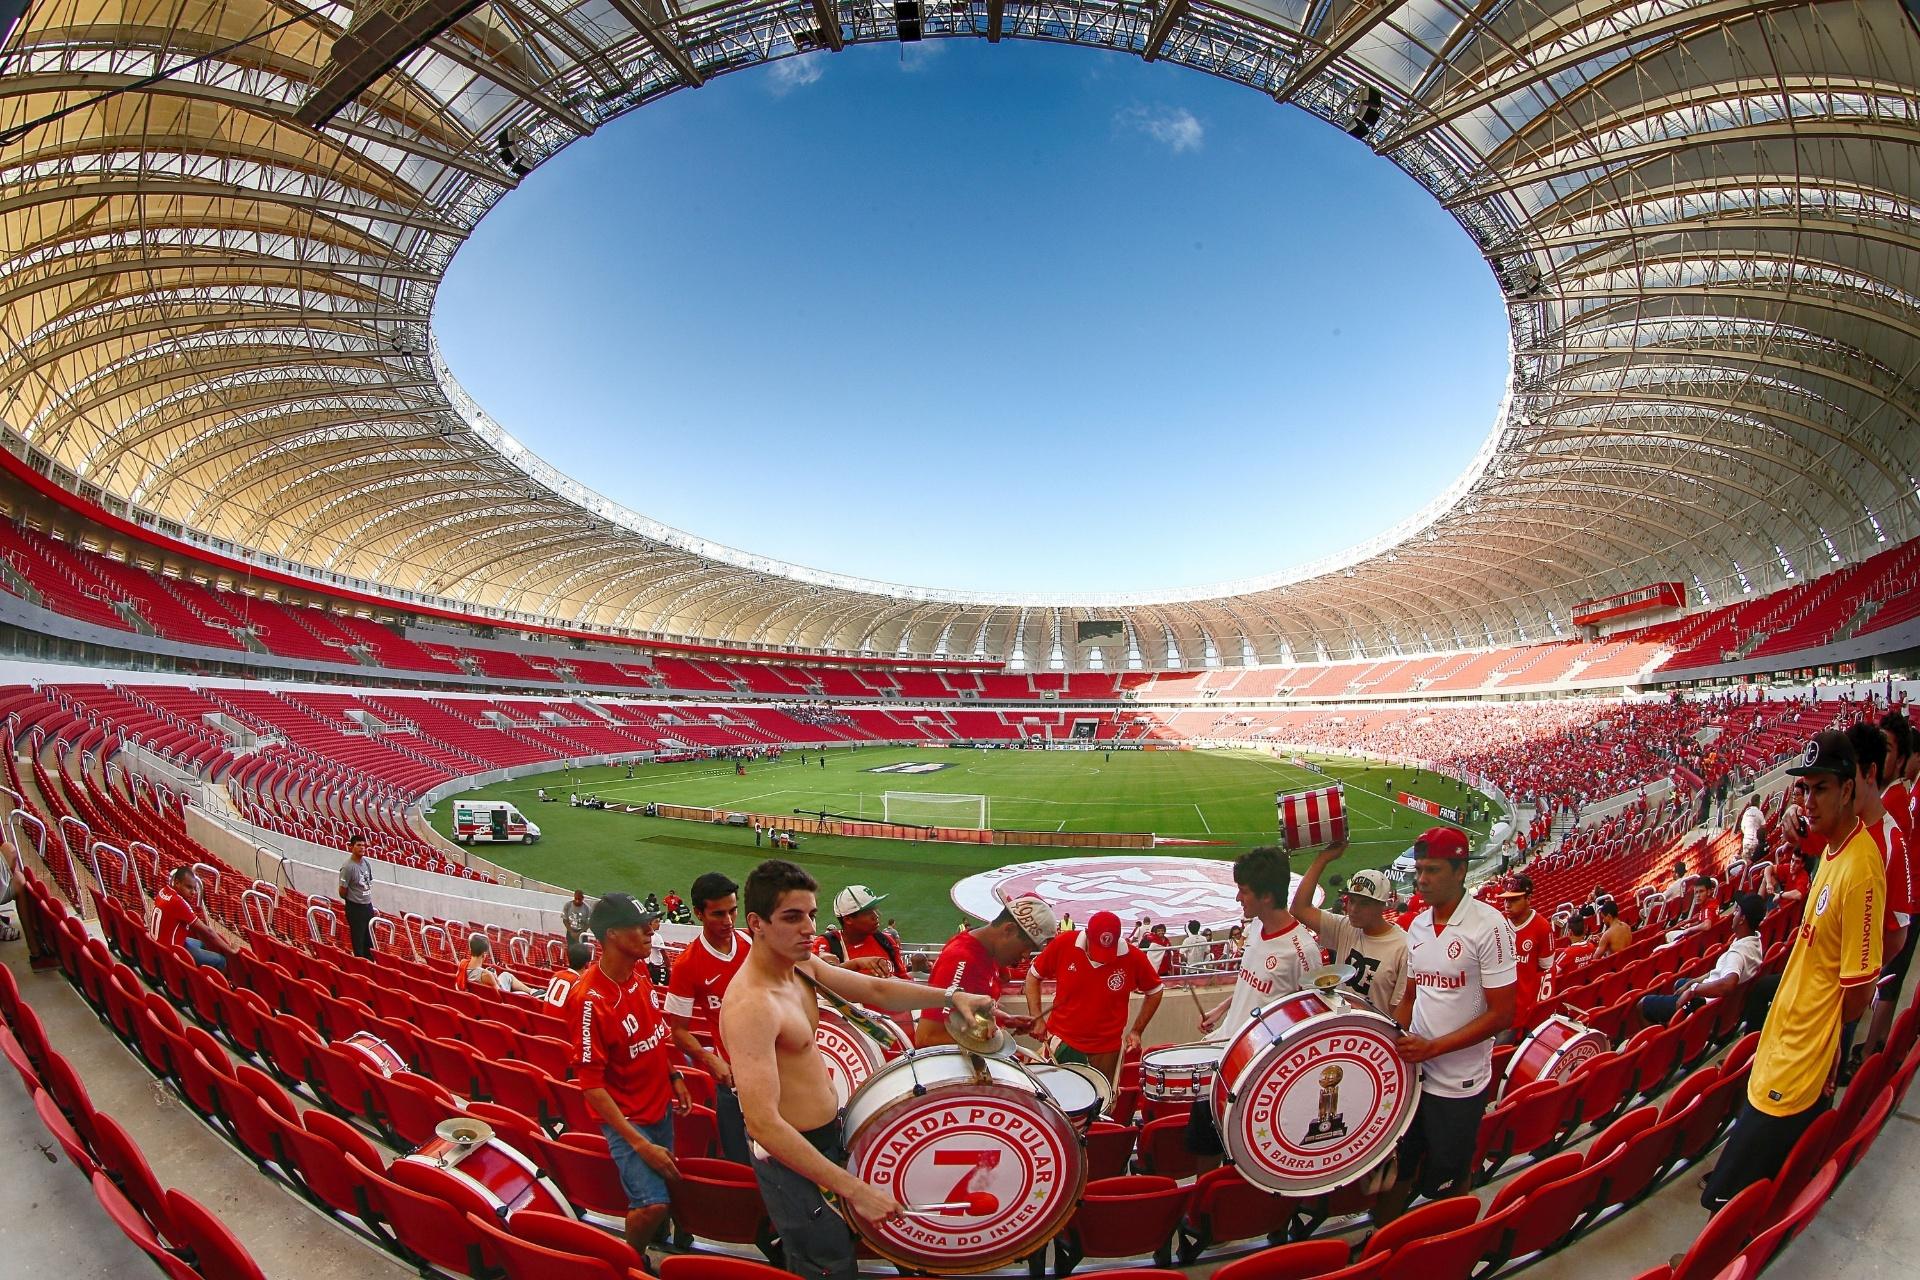 Inter bate recorde de público no Beira-Rio pós-reforma contra o Paraná -  Esporte - BOL 68f9e0a538c29